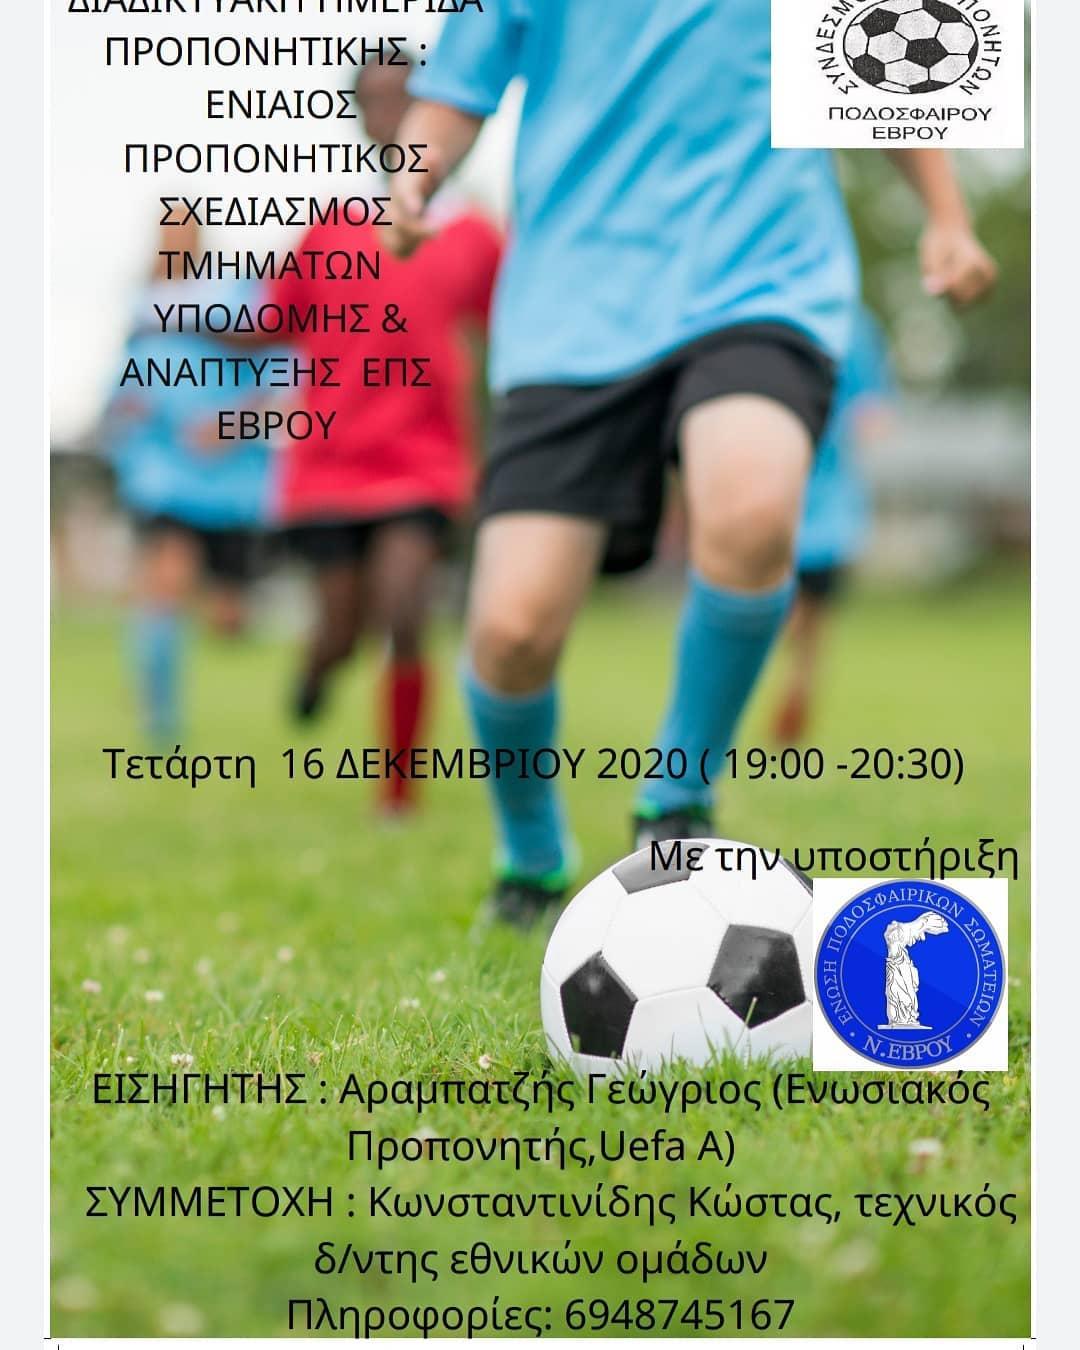 ΠΡΟΣΚΛΗΣΗ: Σε εξ αποστάσεως ημερίδα προπονητικής Ποδοσφαίρου.